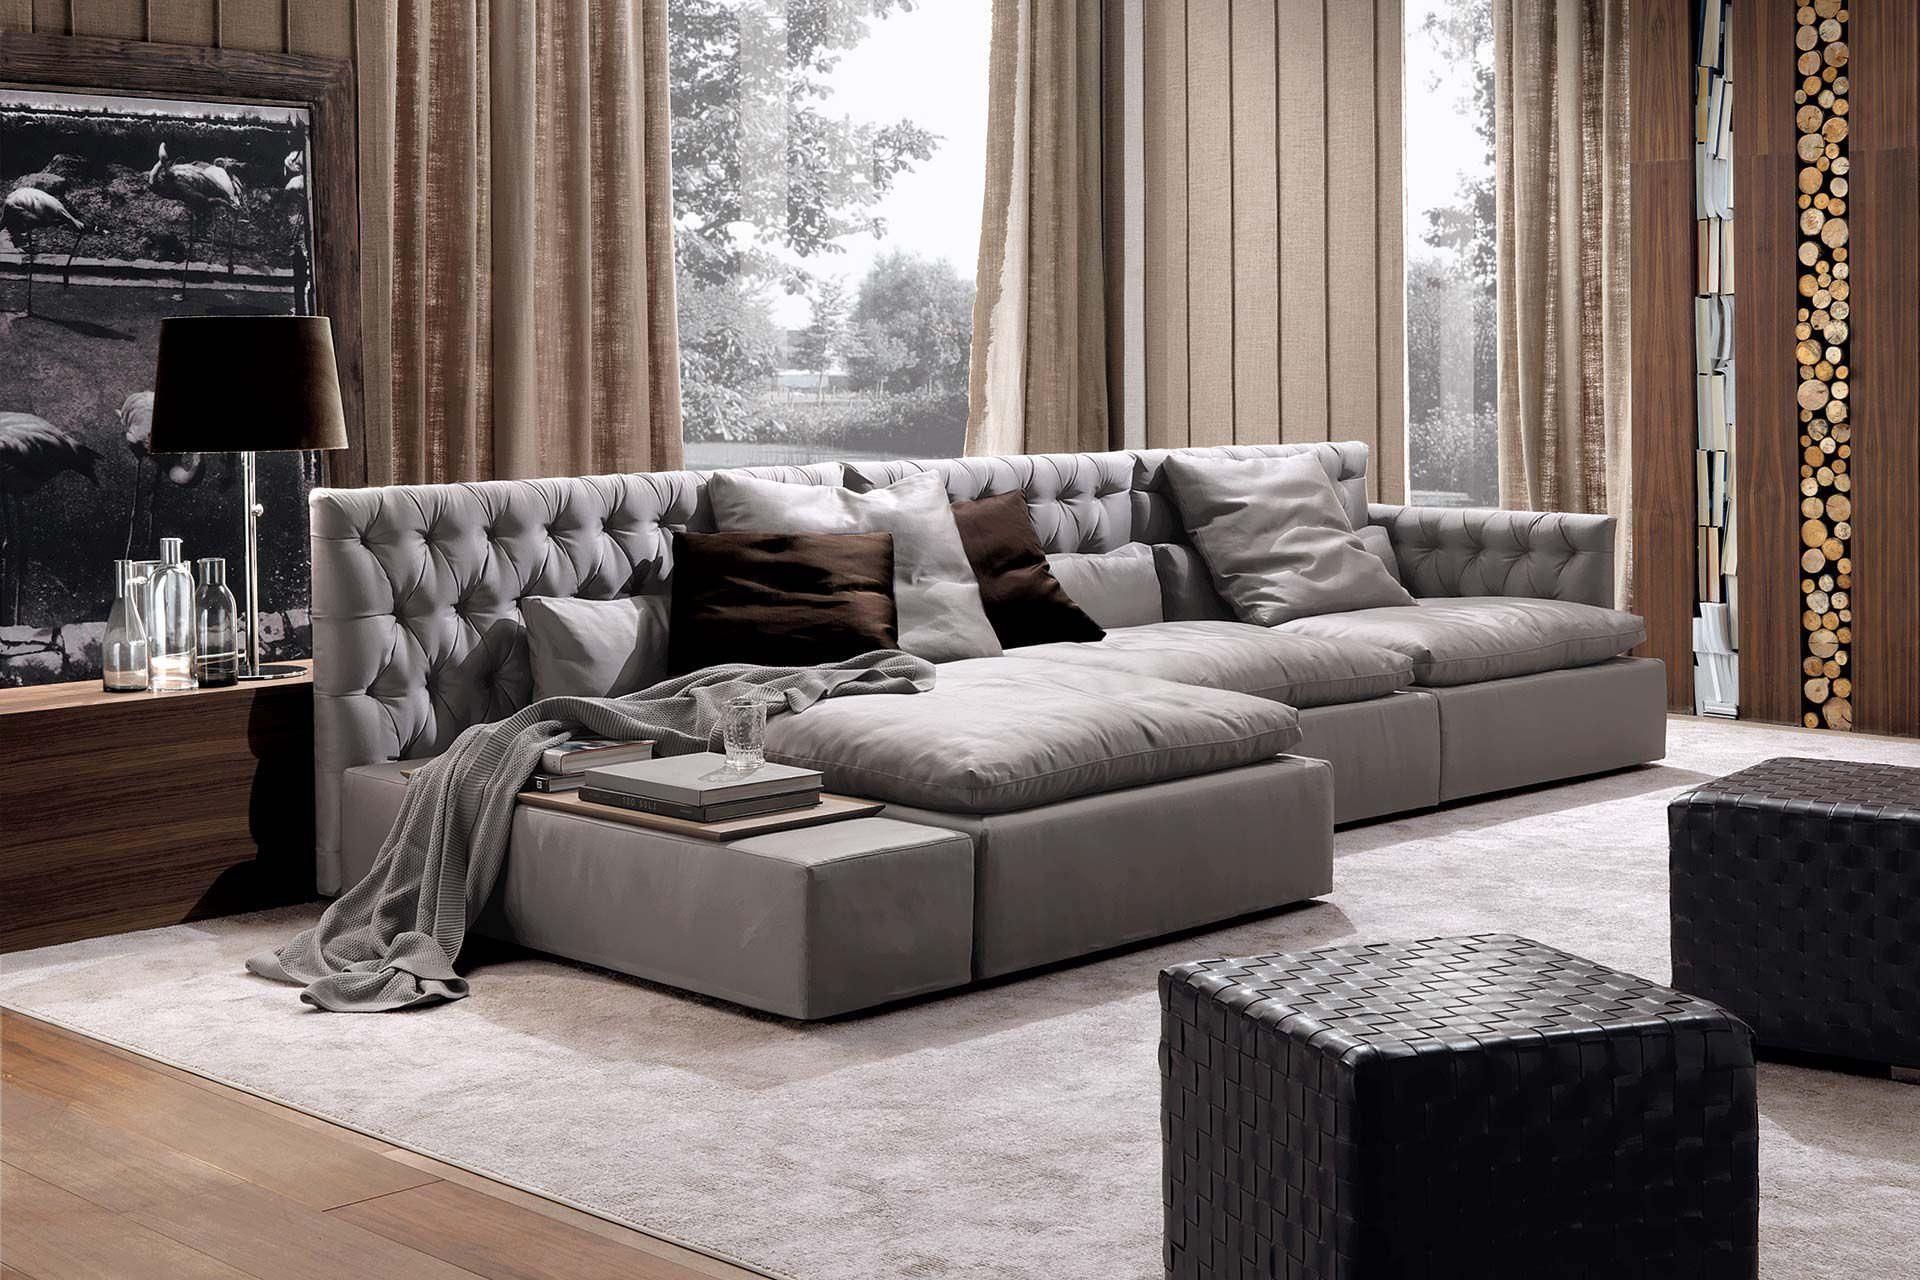 DOMINIO leather fabric contemporary sofa Modular j3LA54R